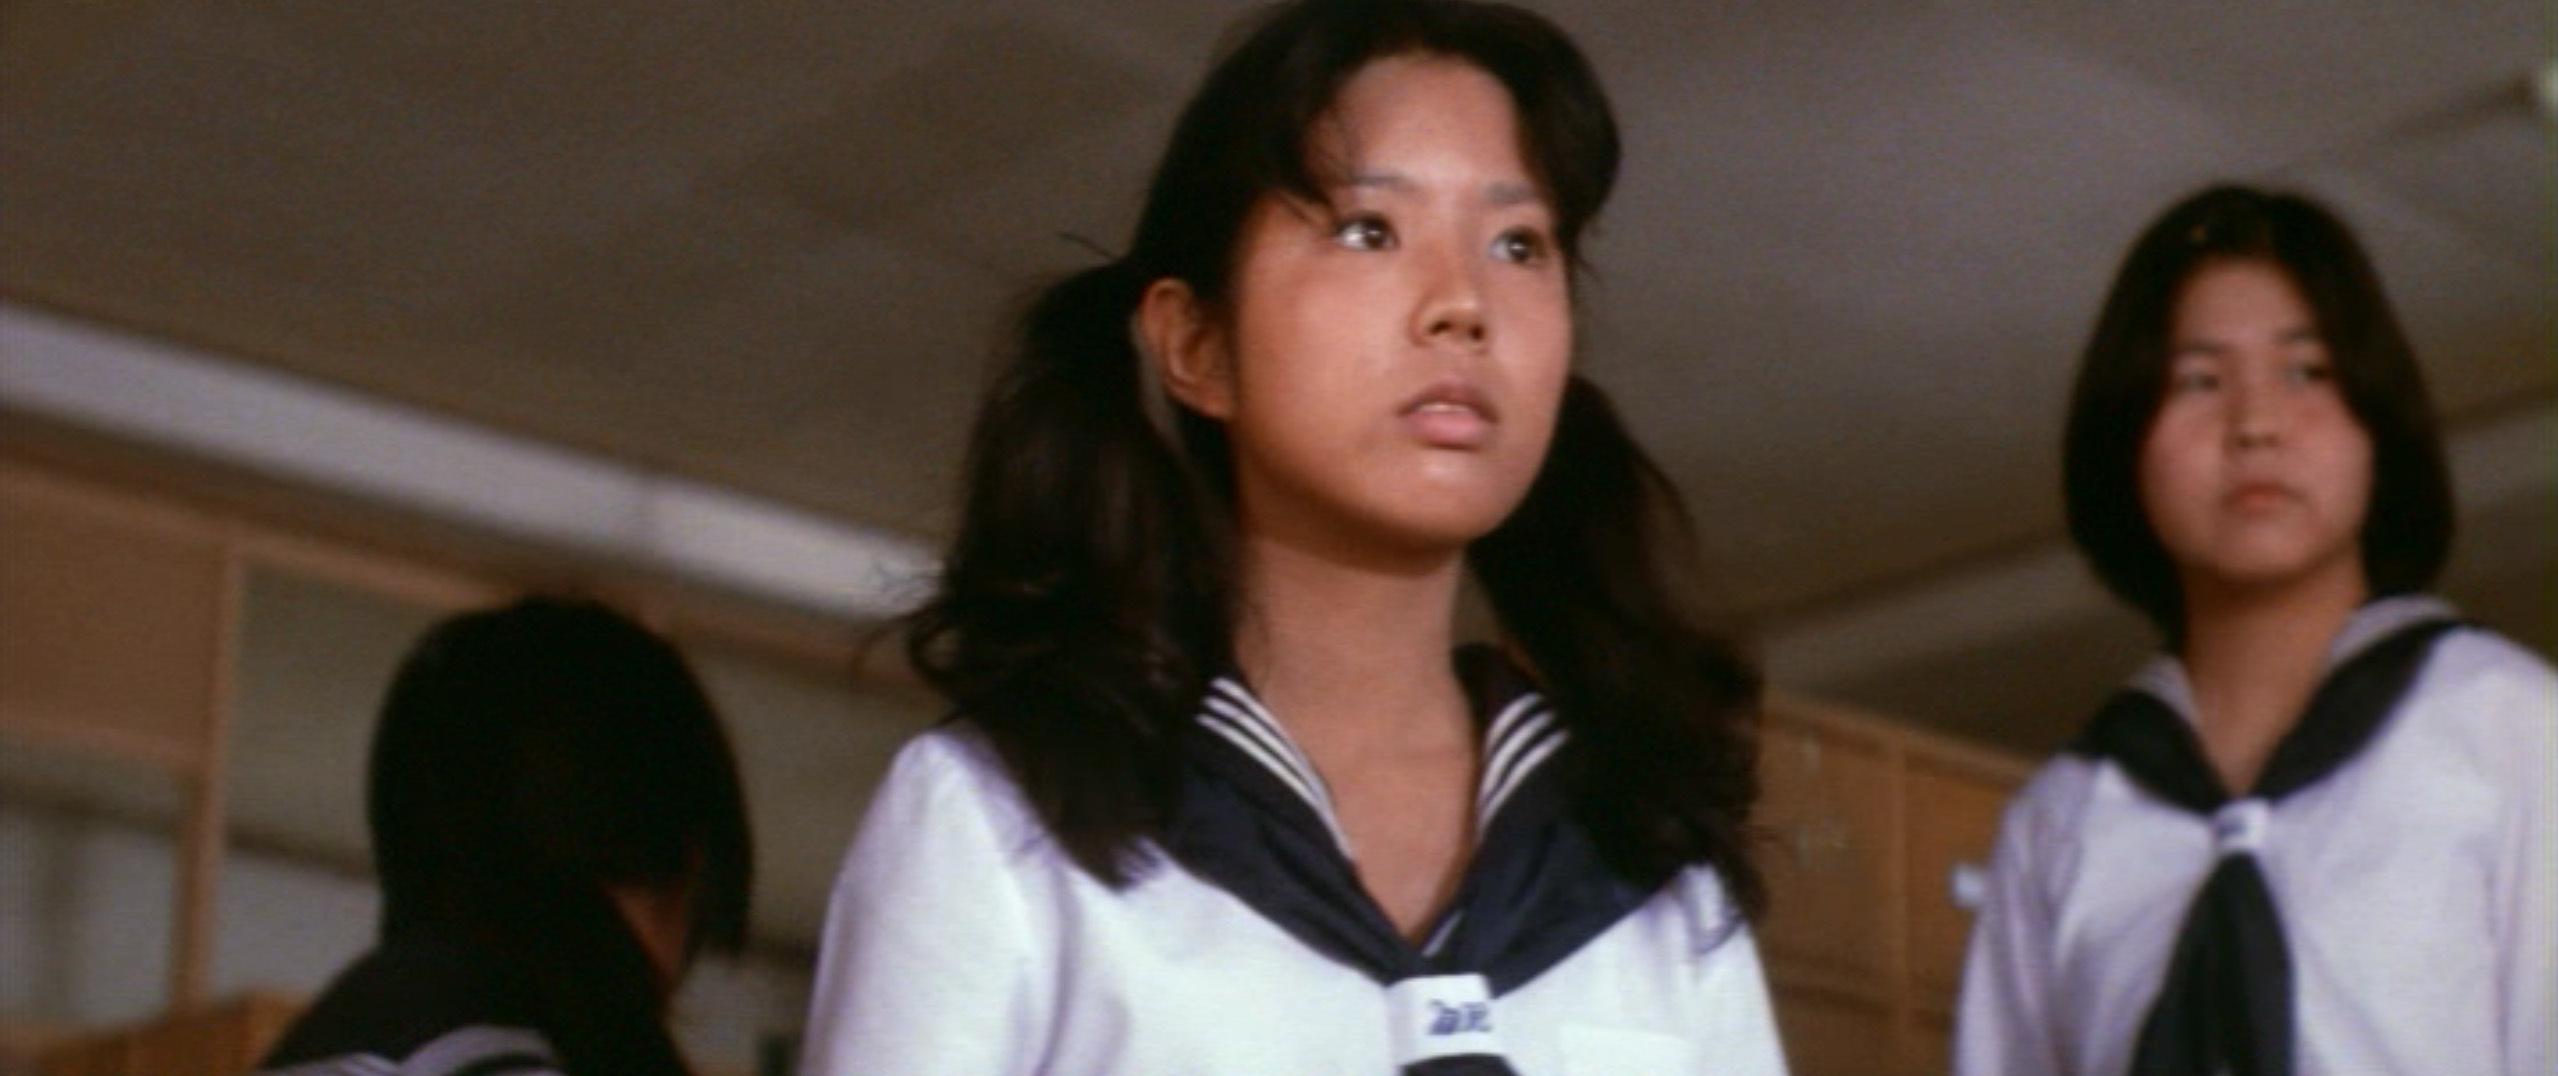 市毛良枝(Yoshie Ichige)「混血児リカ ハマぐれ子守唄」(1973)・・・《前半》_e0042361_20461501.jpg